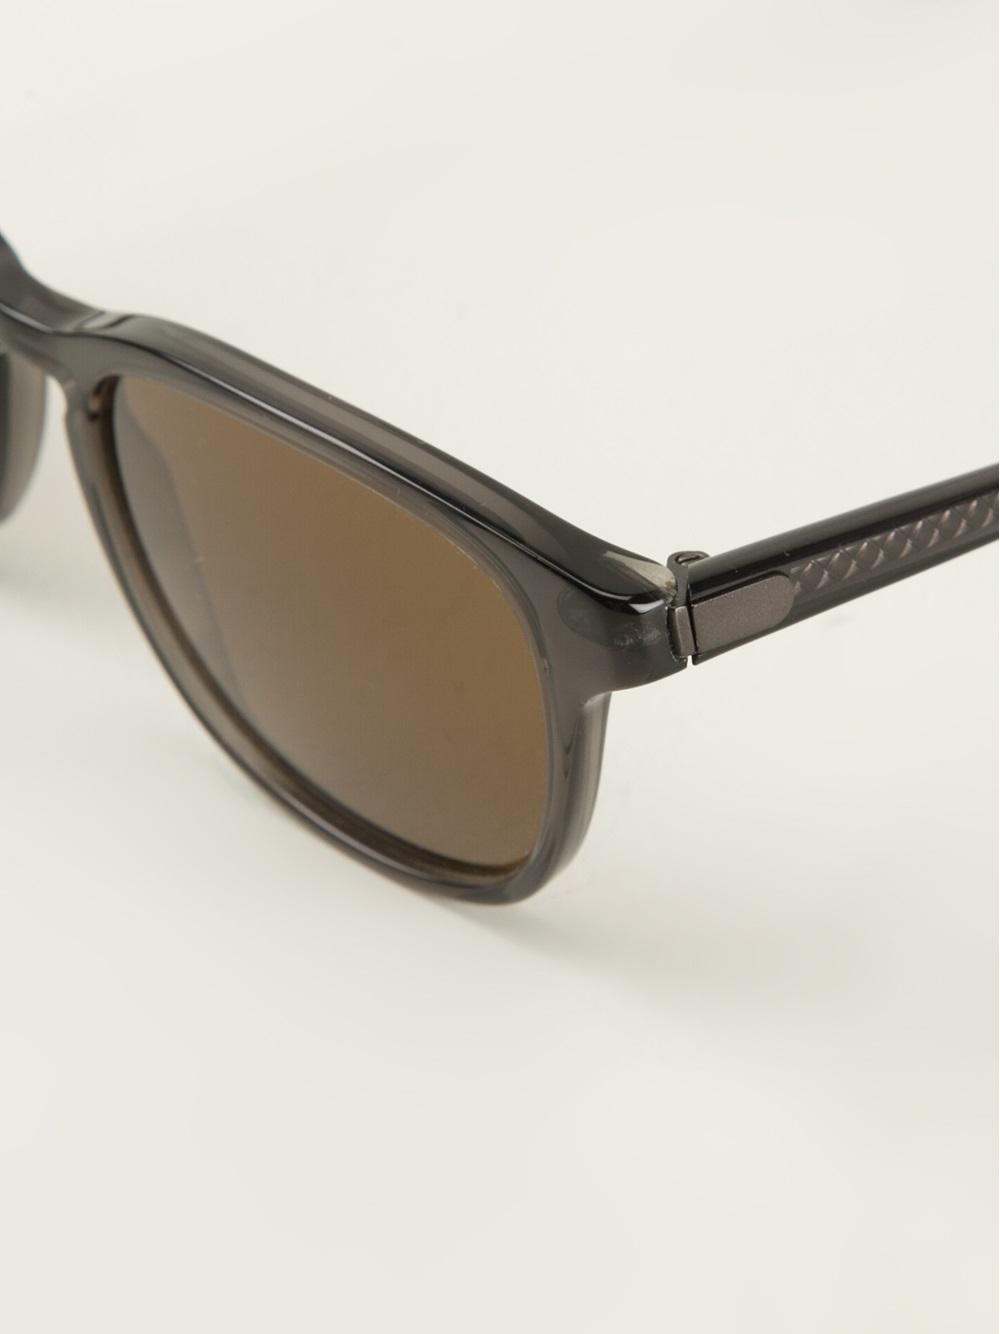 Bottega veneta Wayfarer Sunglasses in Gray